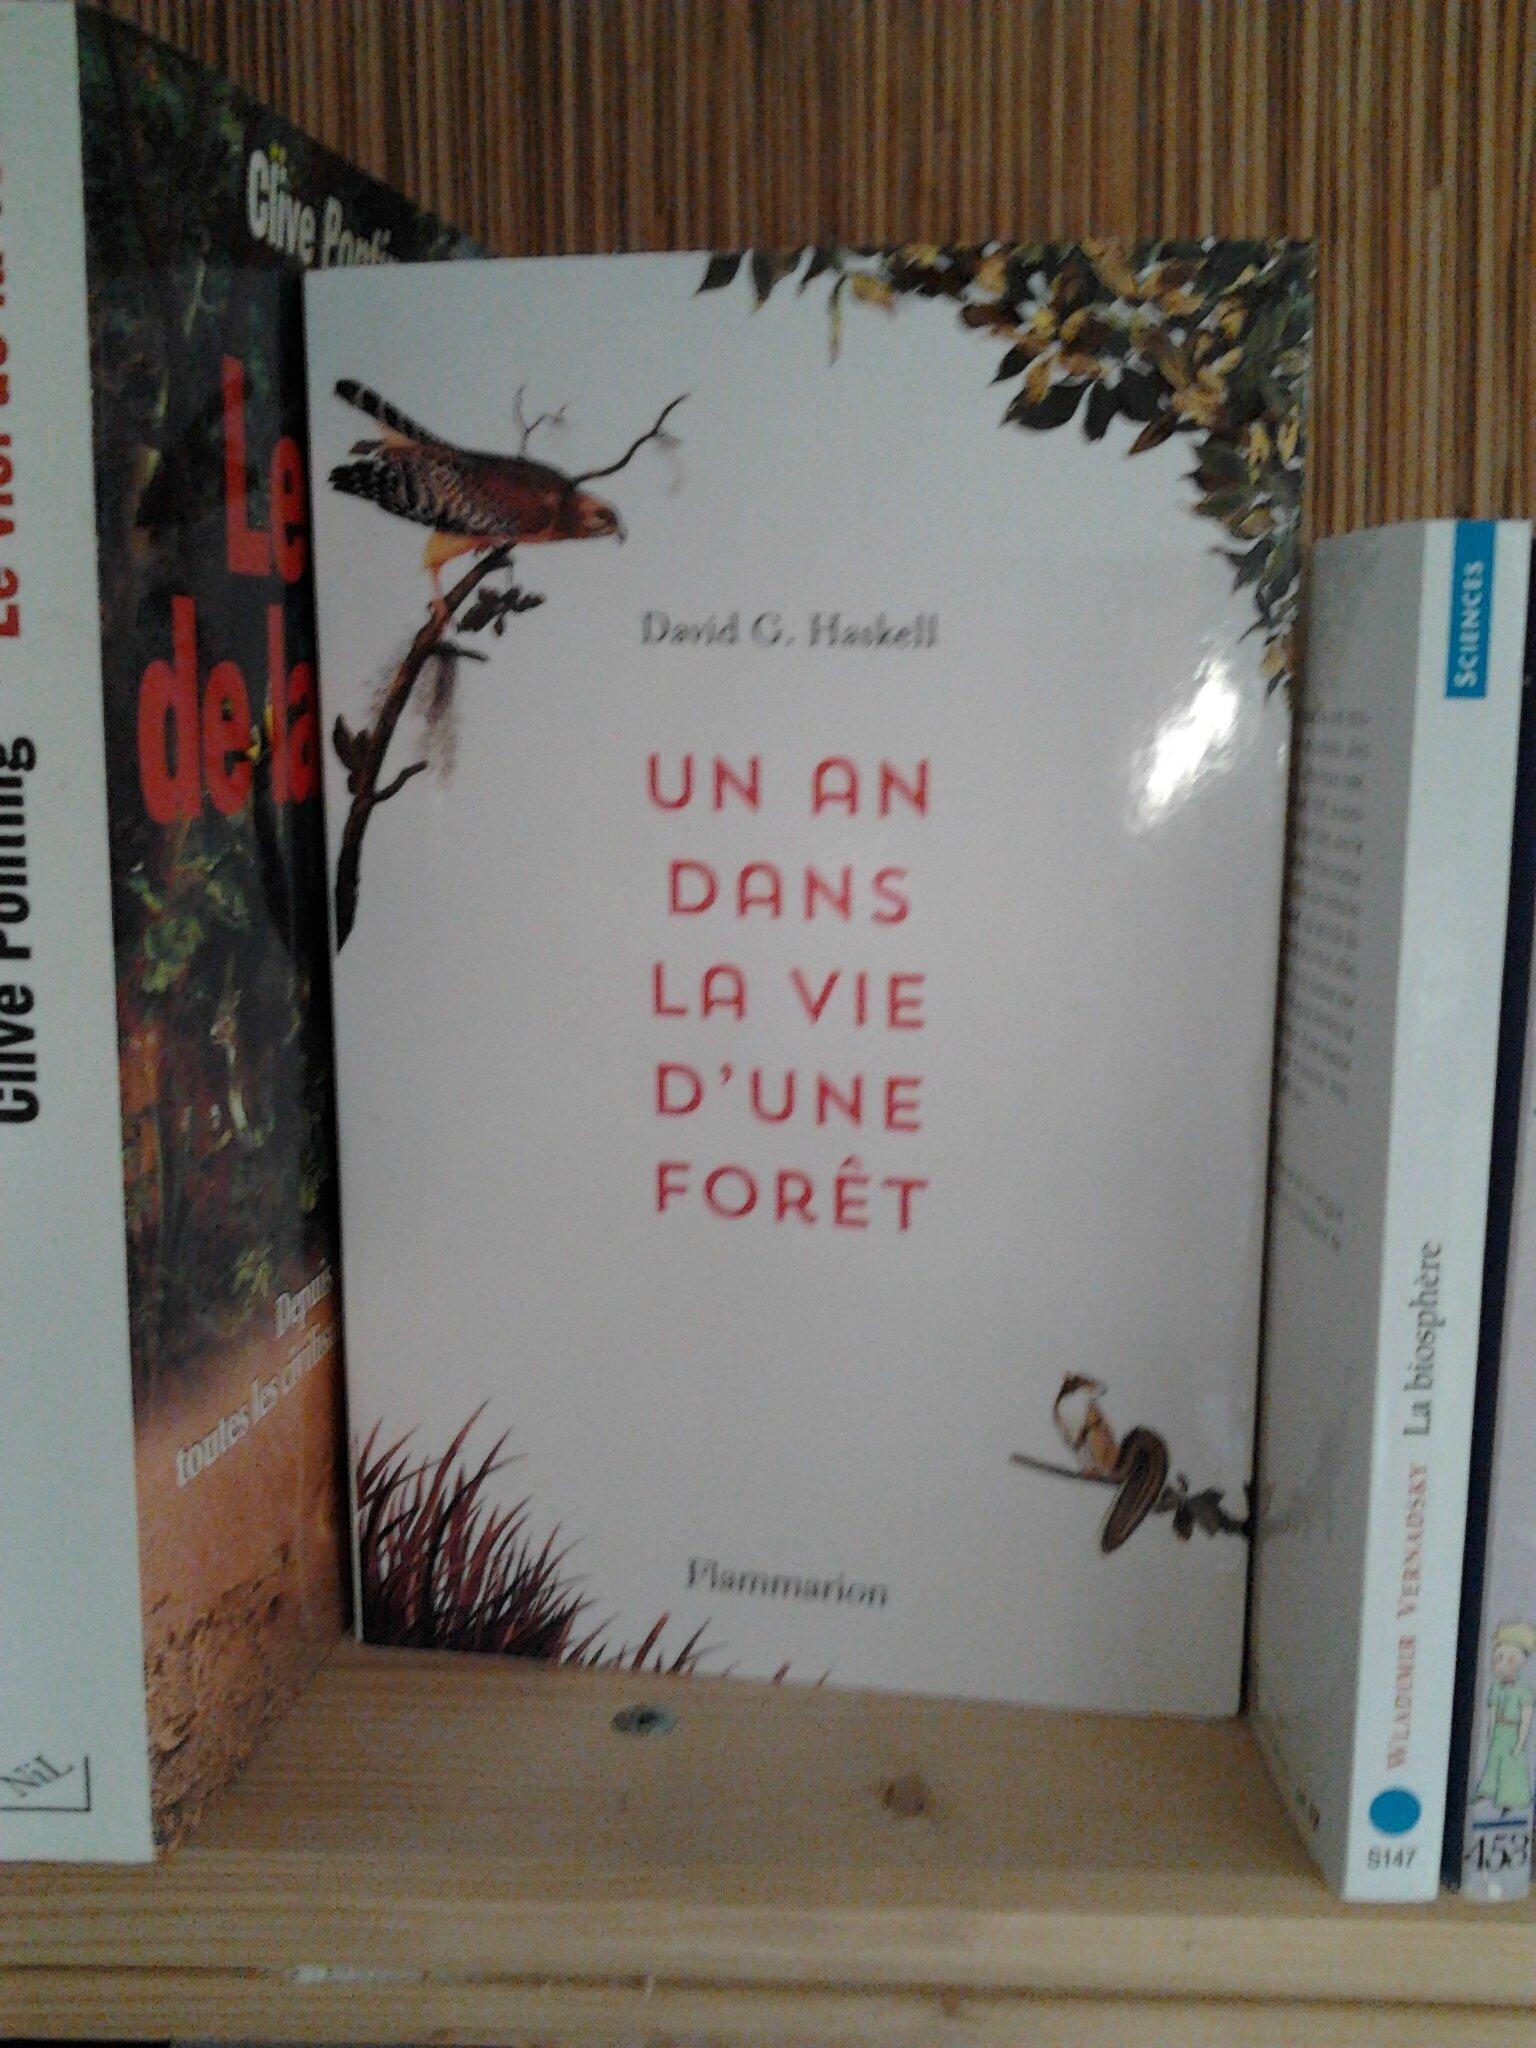 Un an dans la vie d'une forêt.